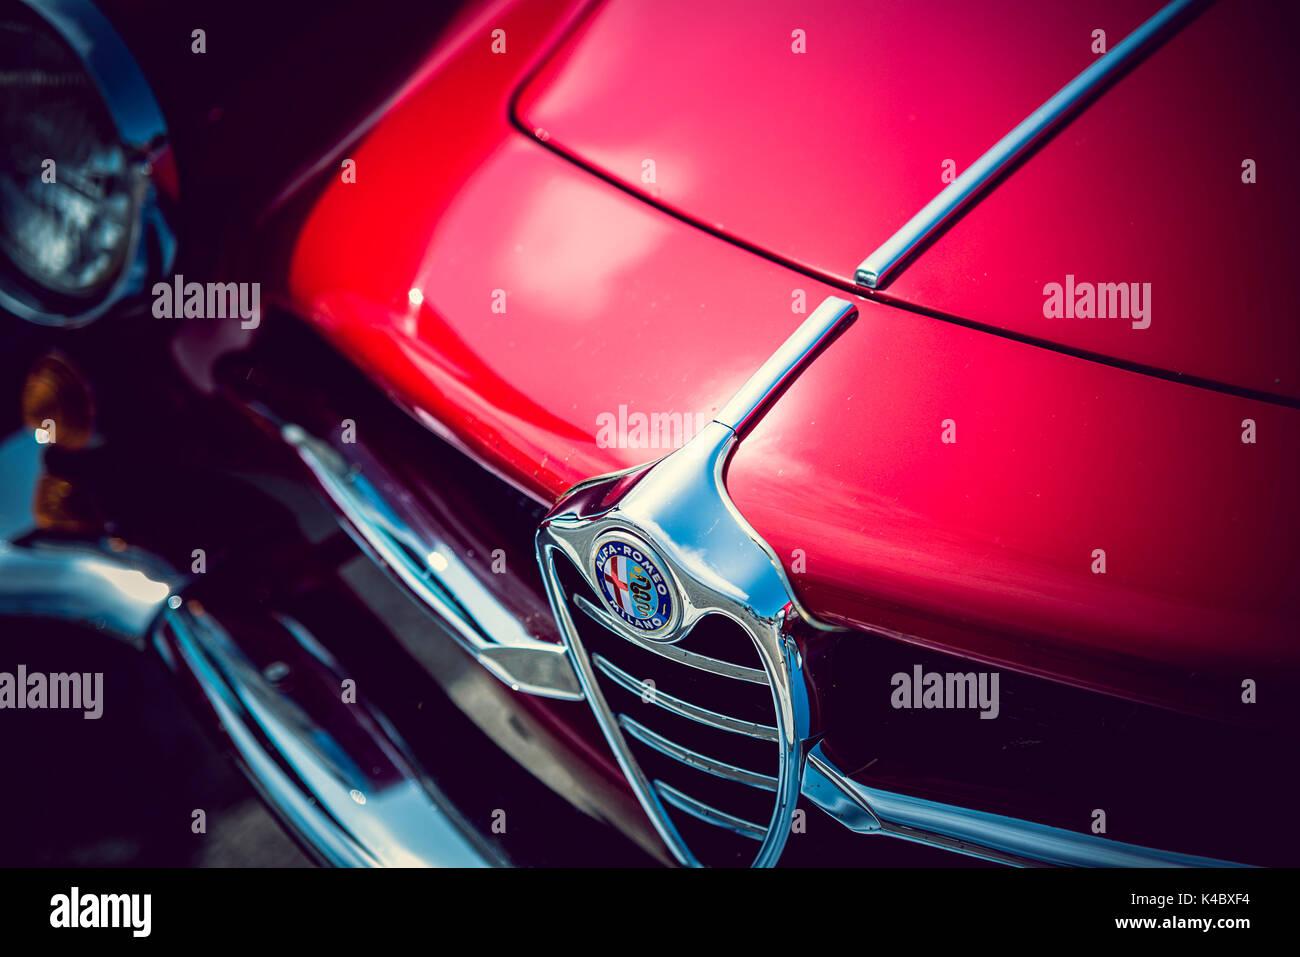 Alfa Romeo Sprint Speciale dettaglio - Classic Car Immagini Stock